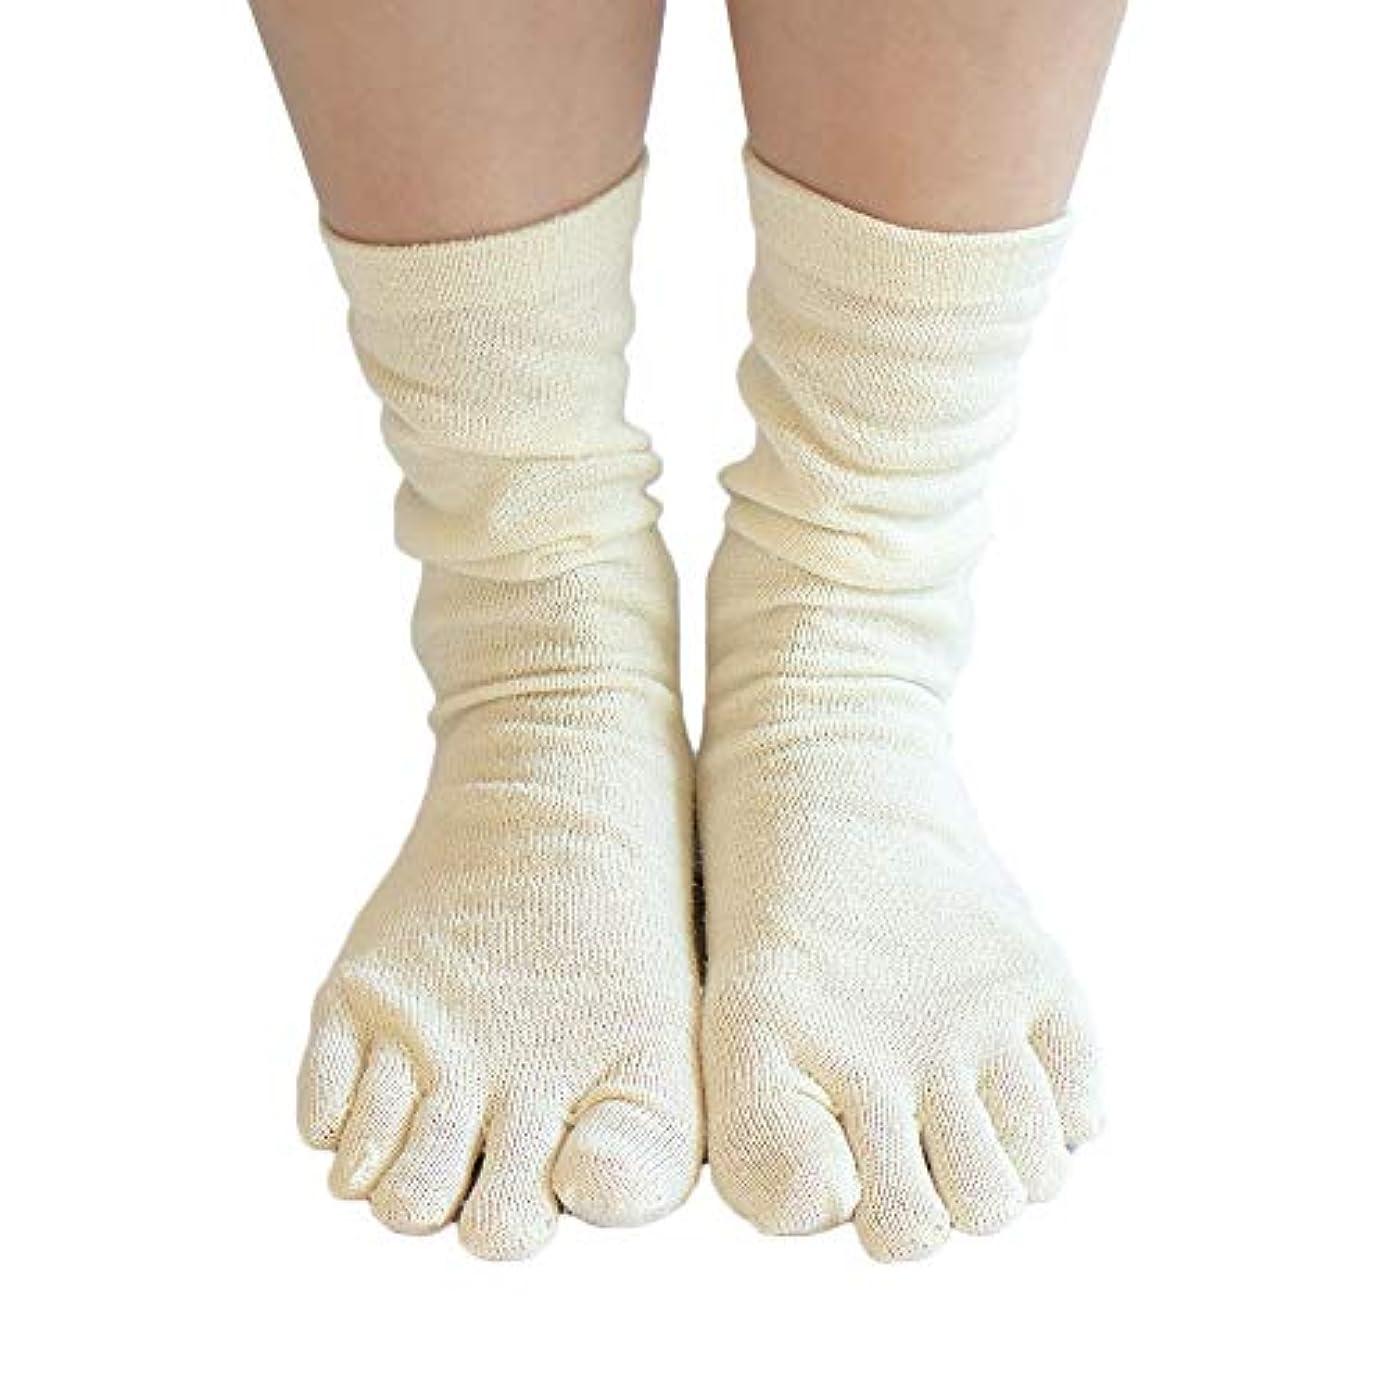 ホステスダース中でシルク 100% 五本指 ソックス 3足セット かかとあり 上質な絹紡糸と紬糸ブレンドした絹糸を100%使用した薄手靴下 重ね履きのインナーソックスや冷えとりに